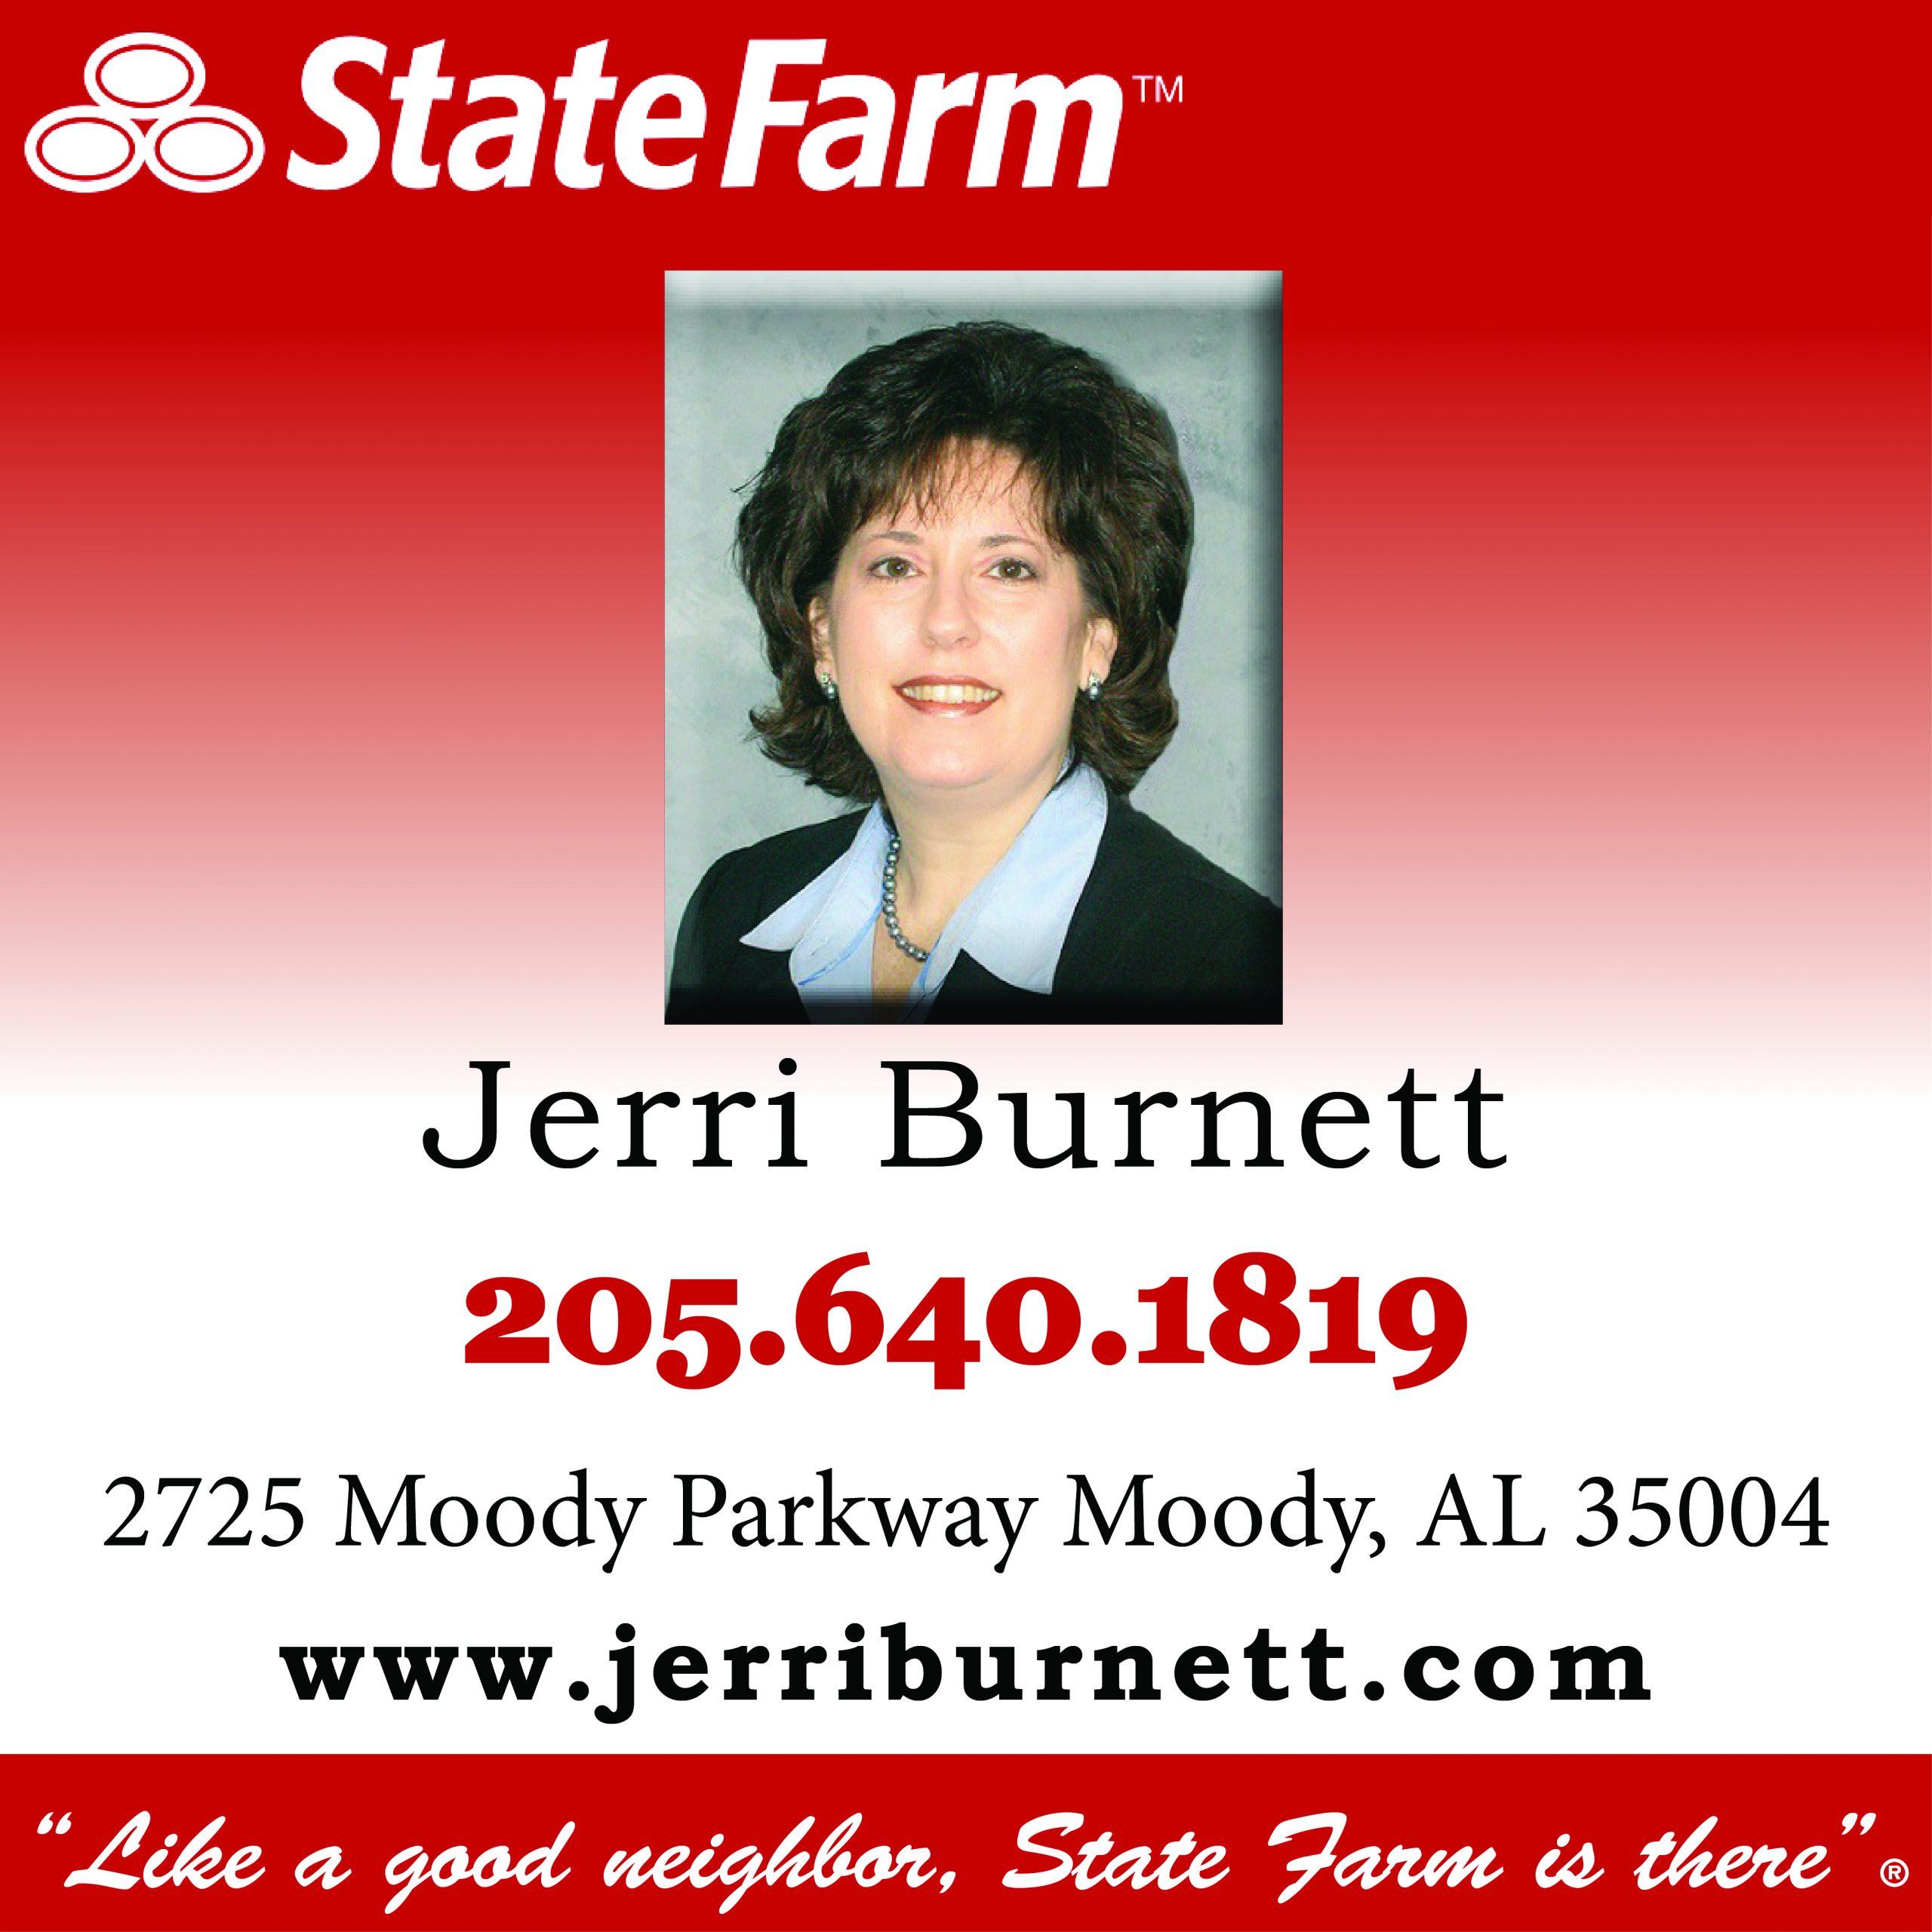 Jerri Burnett - State Farm